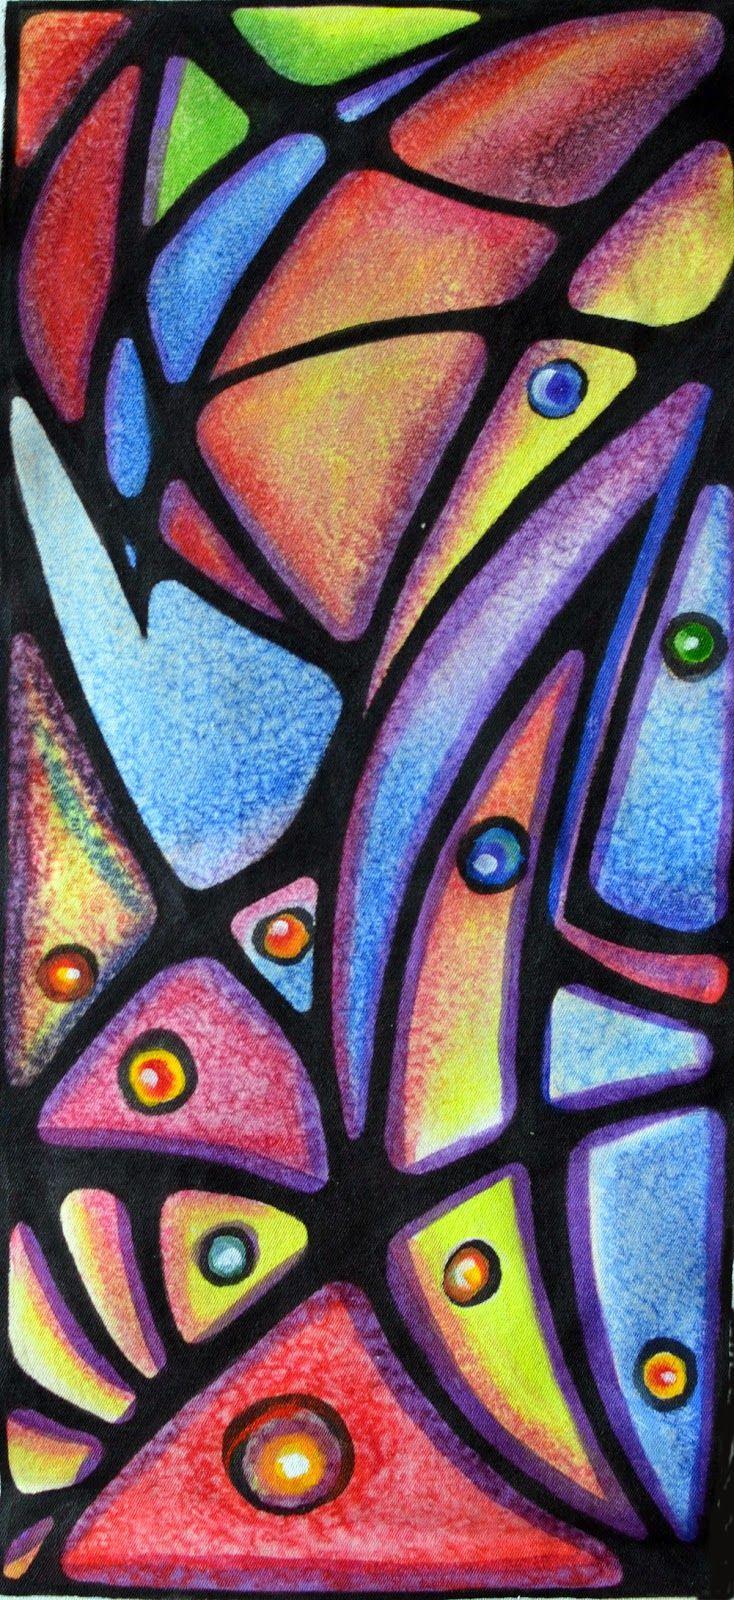 Batik, artesanía, regalos, Pintura en tela,artesana,envío a domicilio,exposición, Claudia: Esta tela se ha pintado con pinturas acrilicas uti...